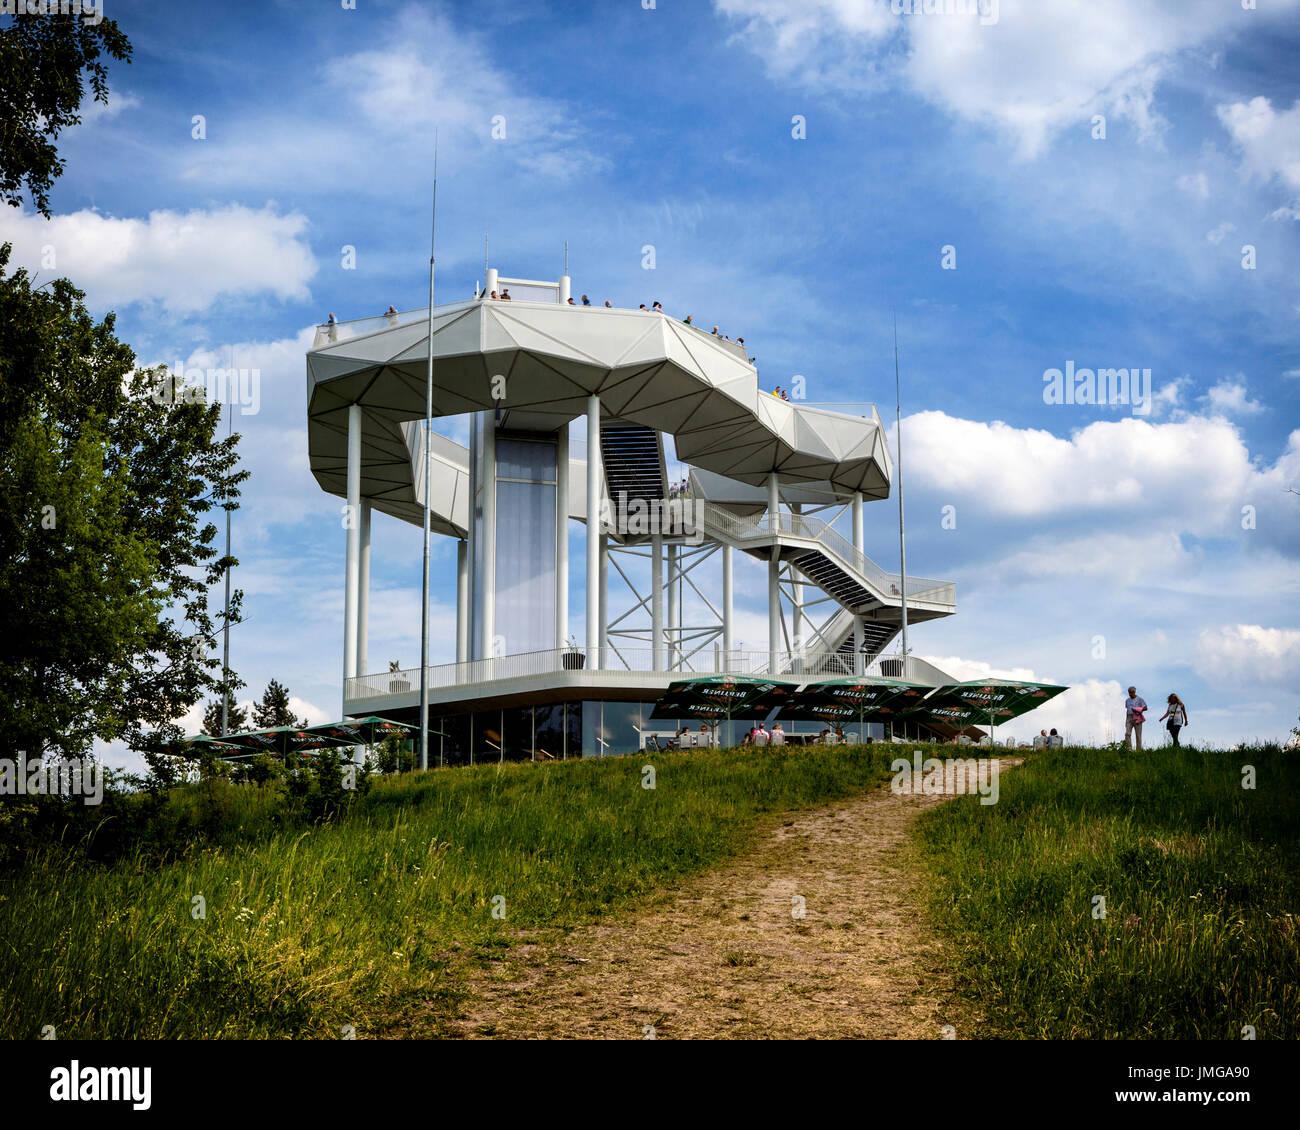 Die Schönsten Gärten Auf Der Welt Swabble: Berlin, Marzahn. Gärten Der Welt Botanischer Garten, Neue